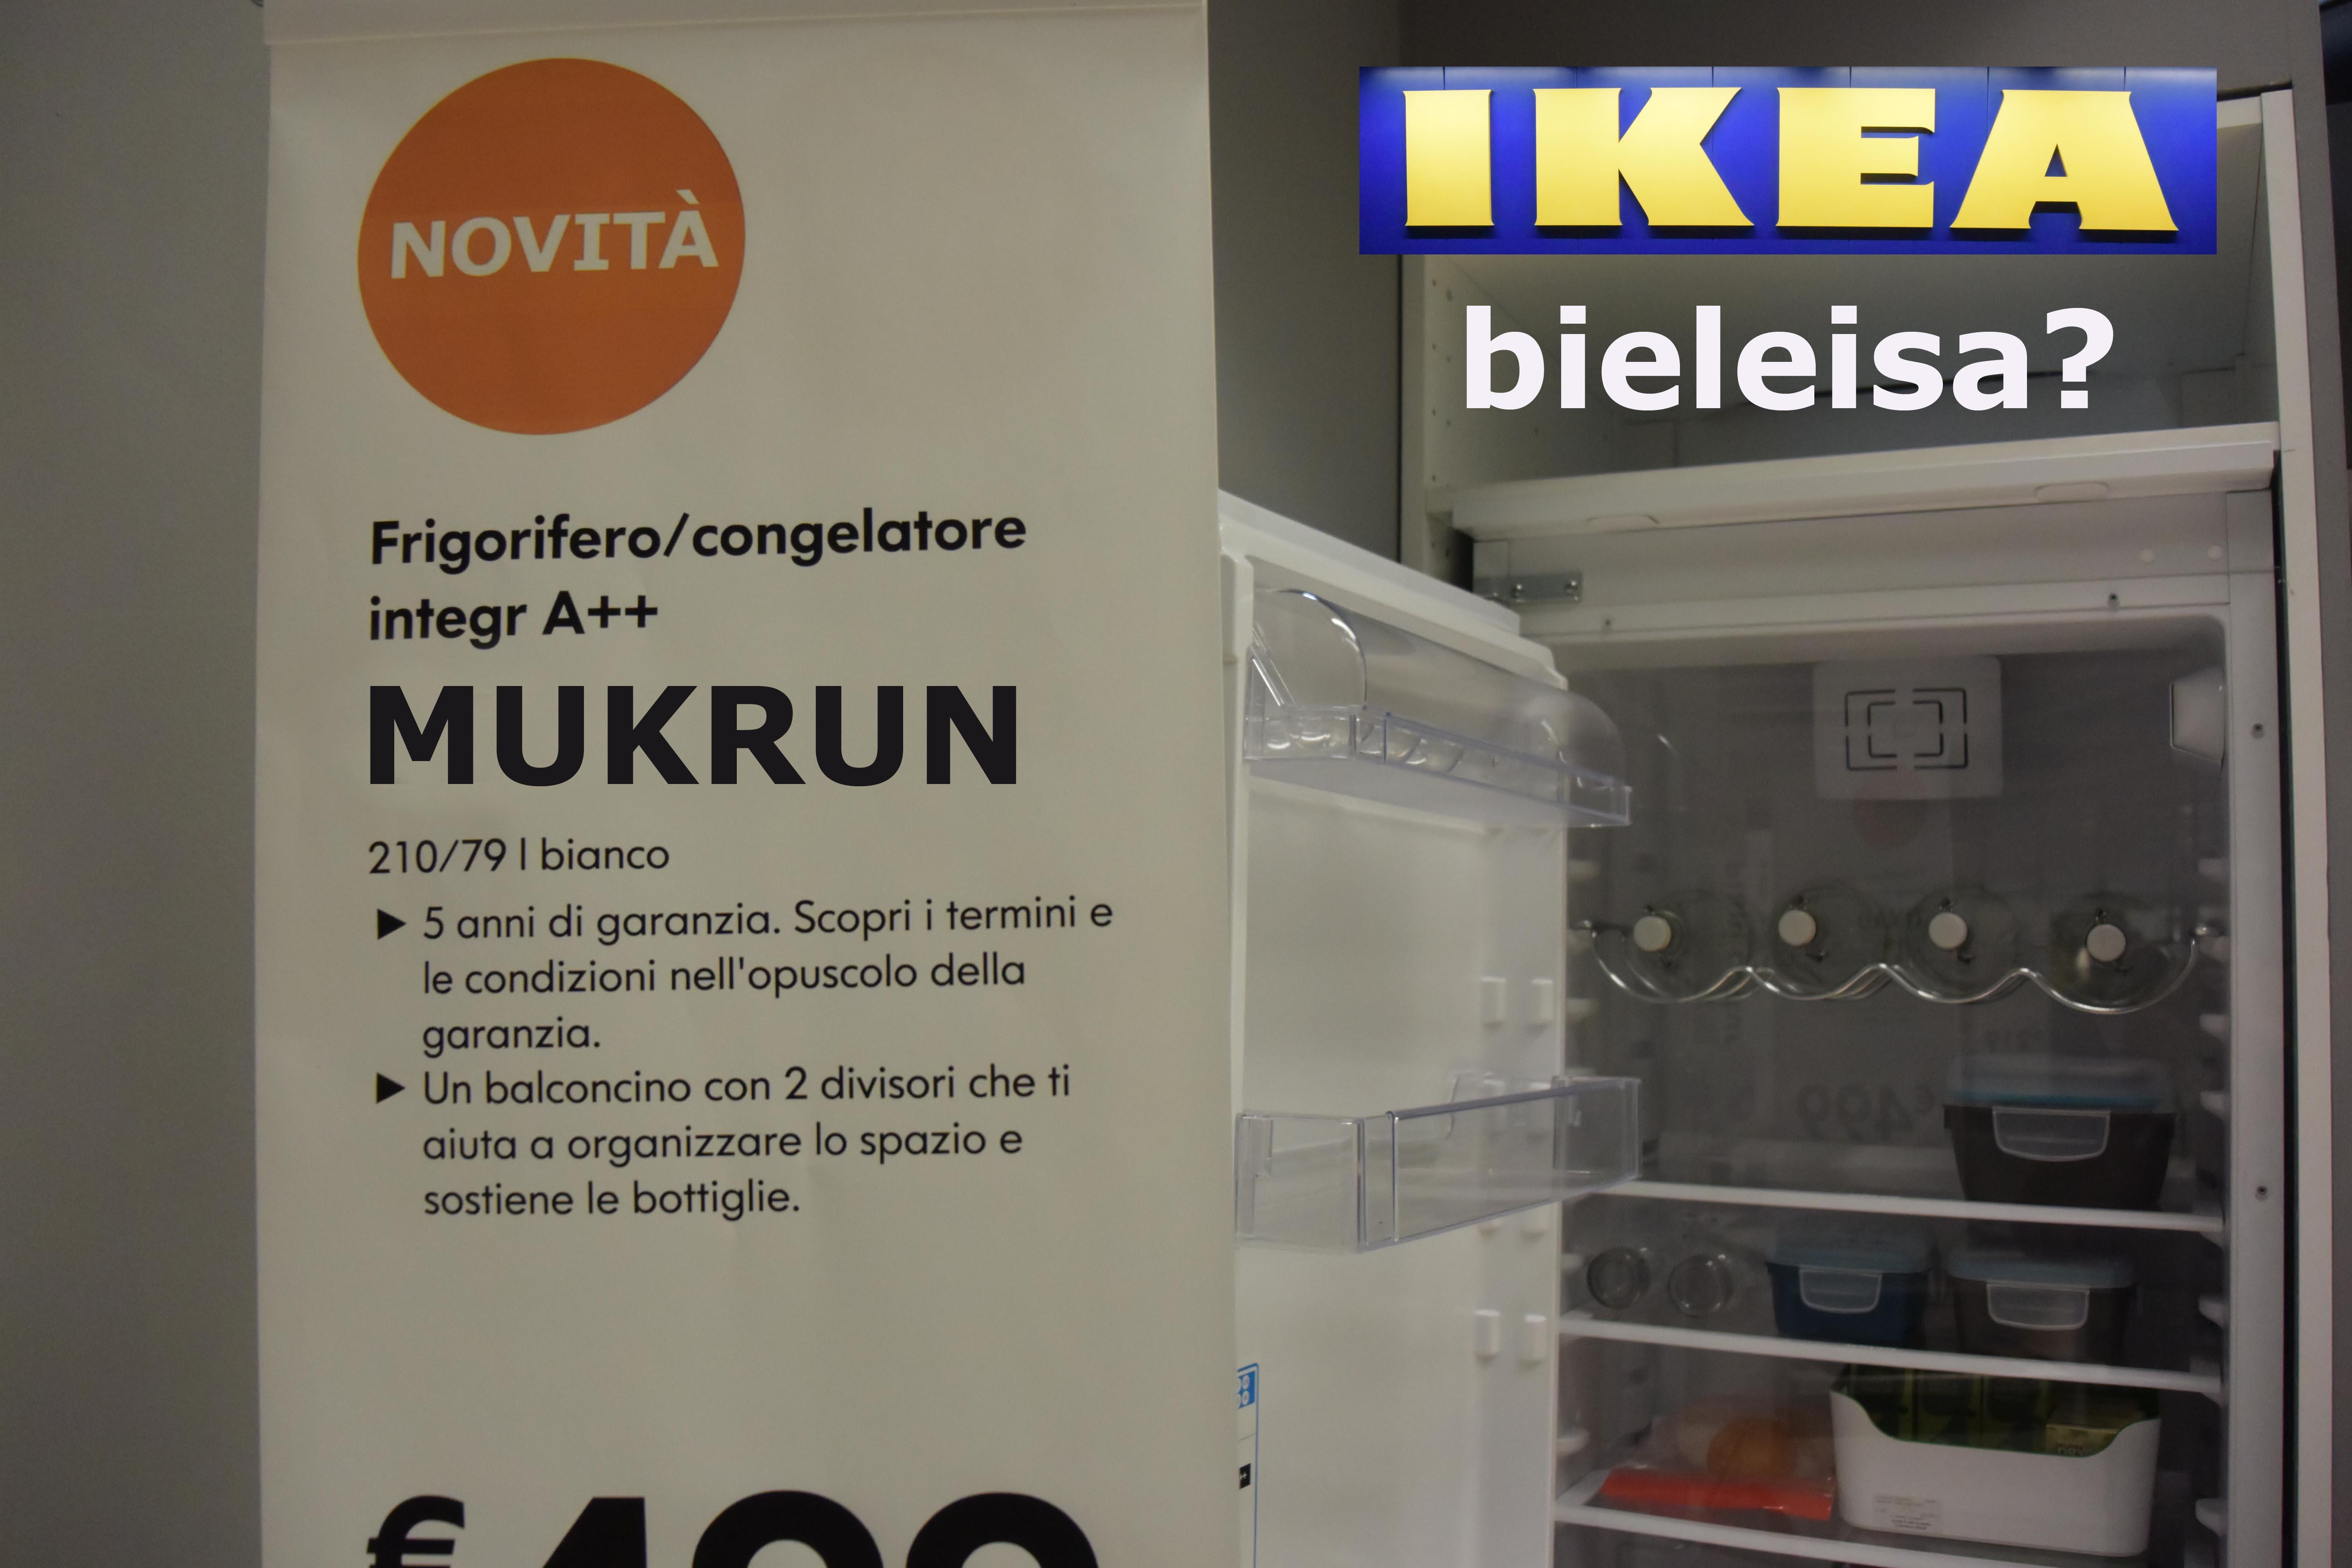 Ikea Organizzazione Ufficio : L ikea diventa biellese il biellese